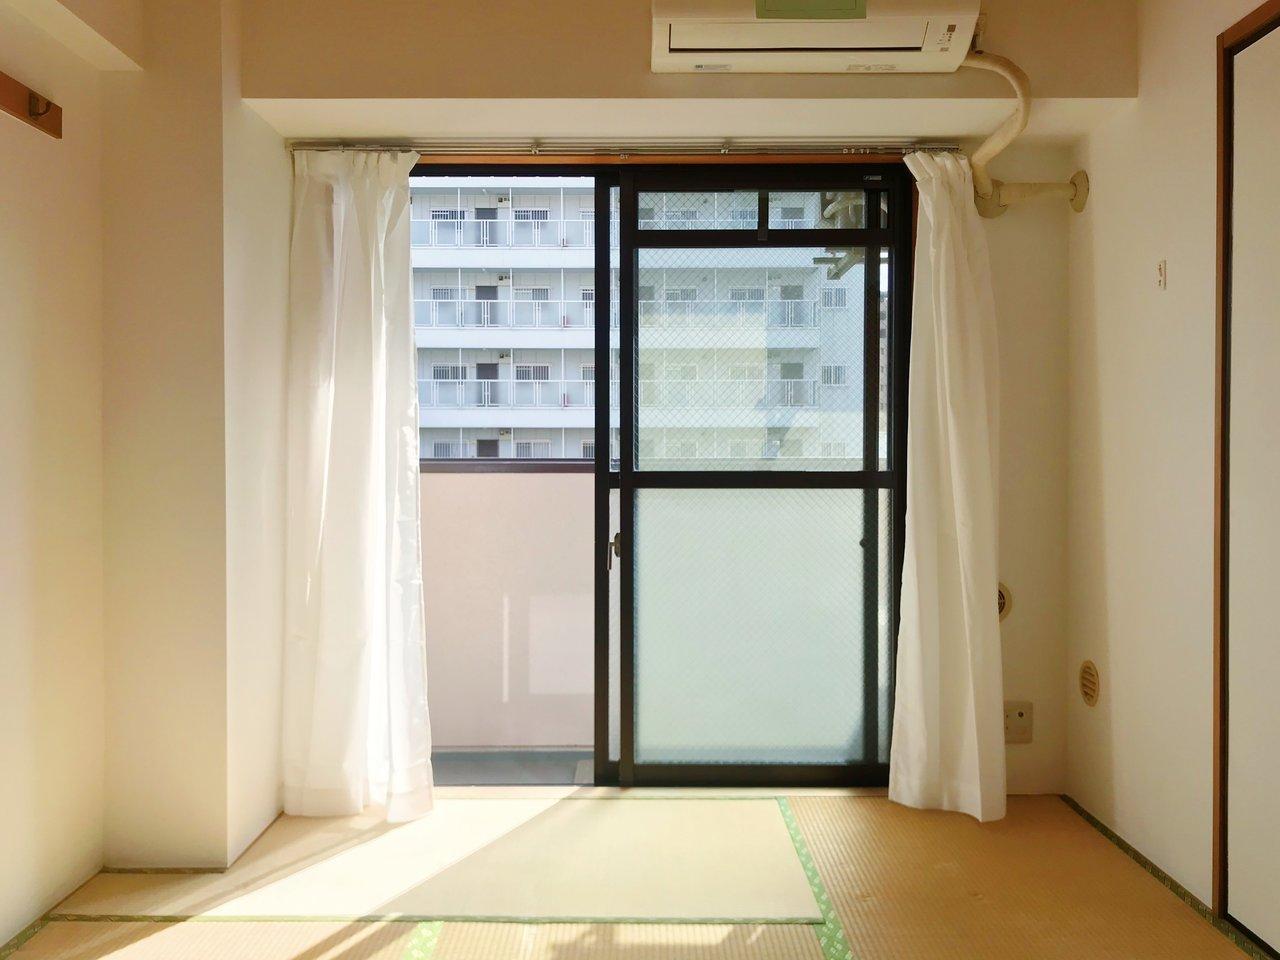 和室はベランダにつながる大きな窓があります。ポカポカ穏やかな陽気がたくさん入ってきます。